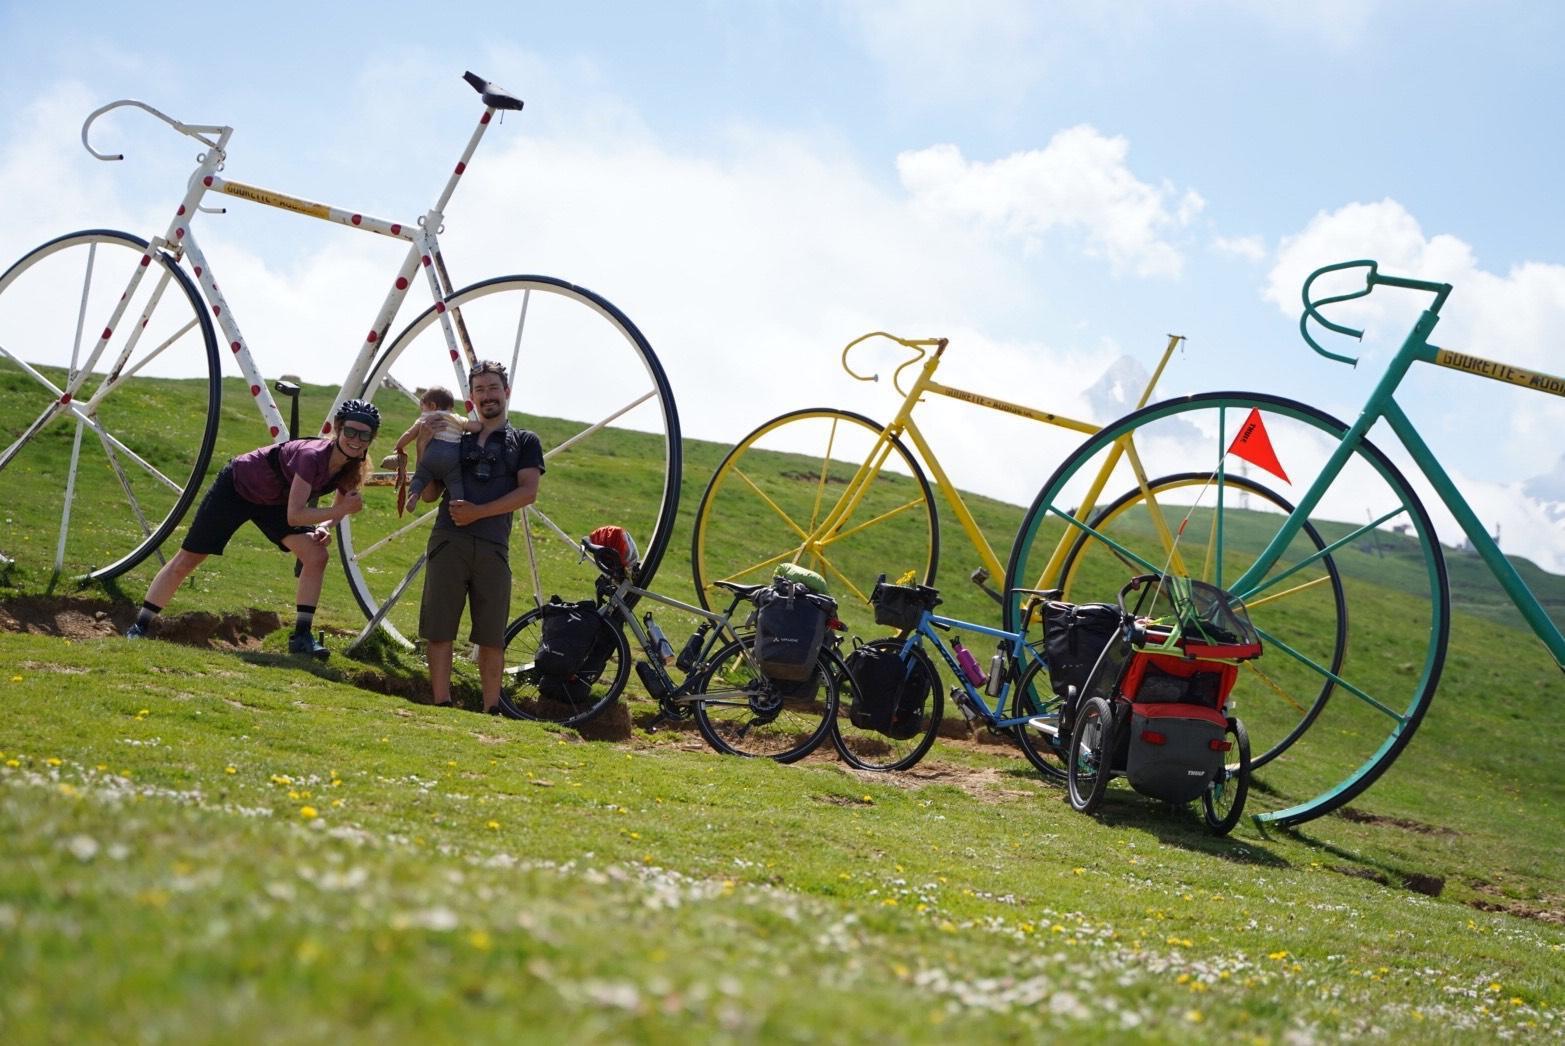 Bourse CCI 2022 : 2000€ pour des projets de voyage à vélo